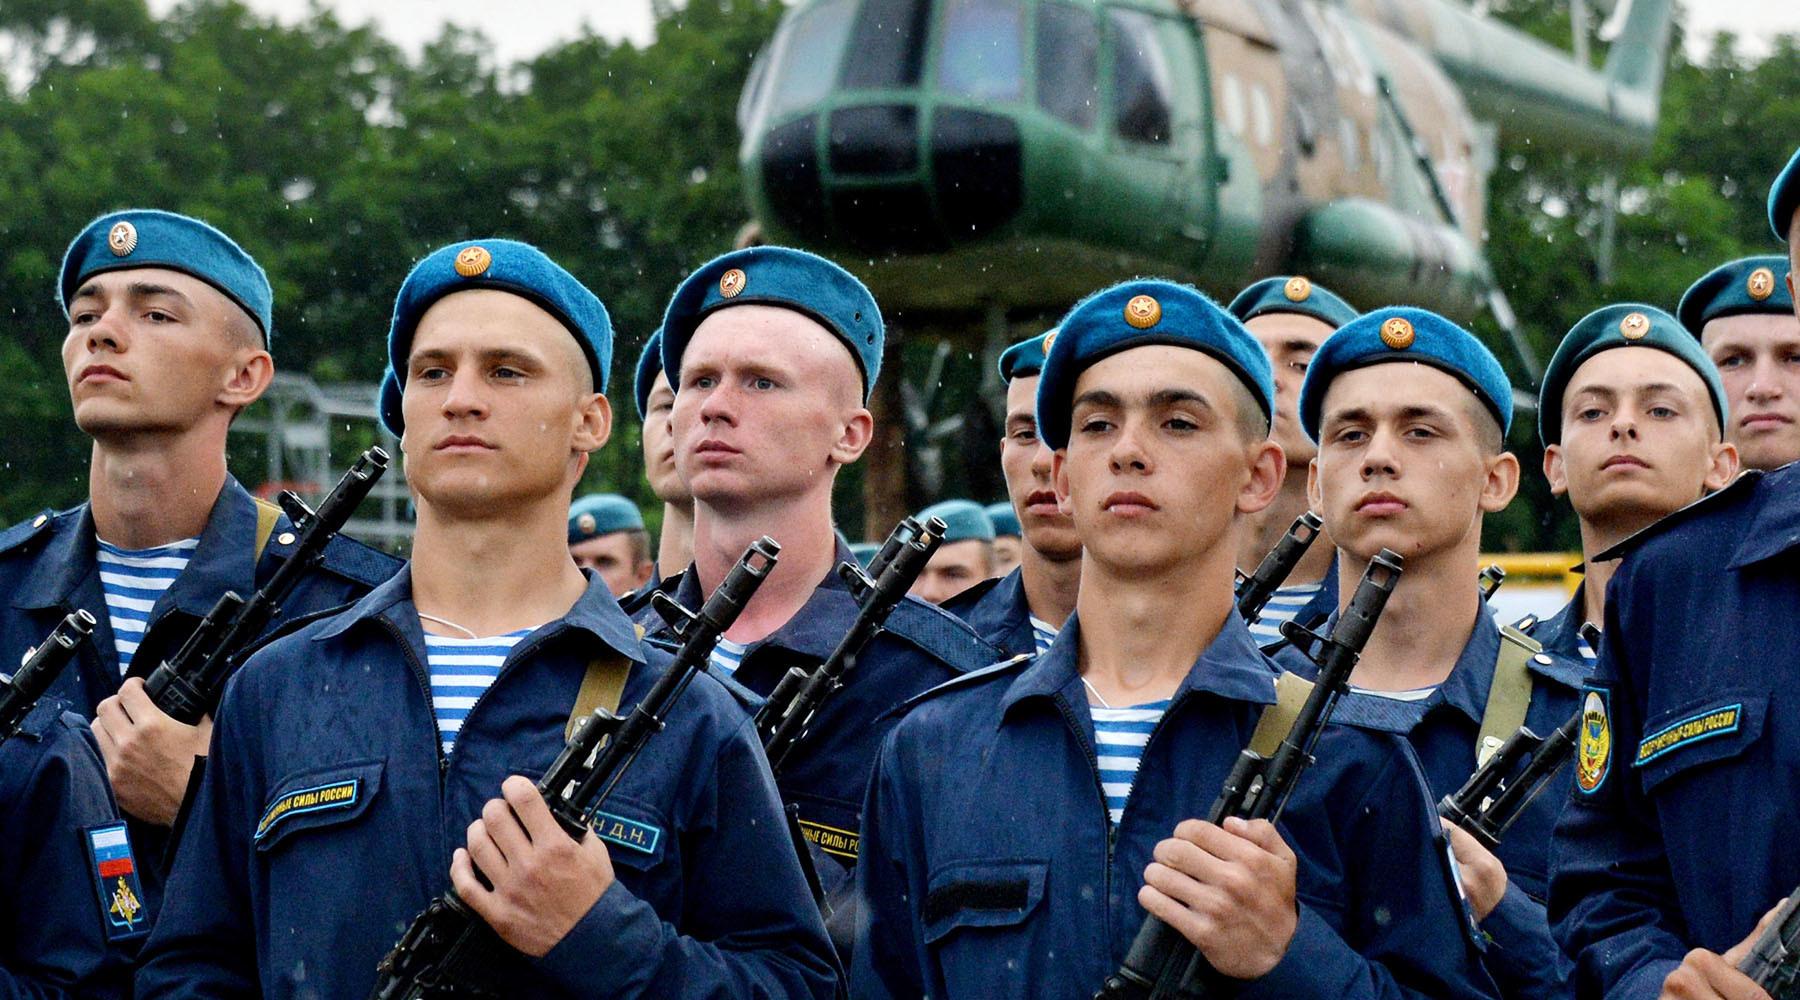 Кузница воинской славы: почему гвардейские части остаются элитой российской армии